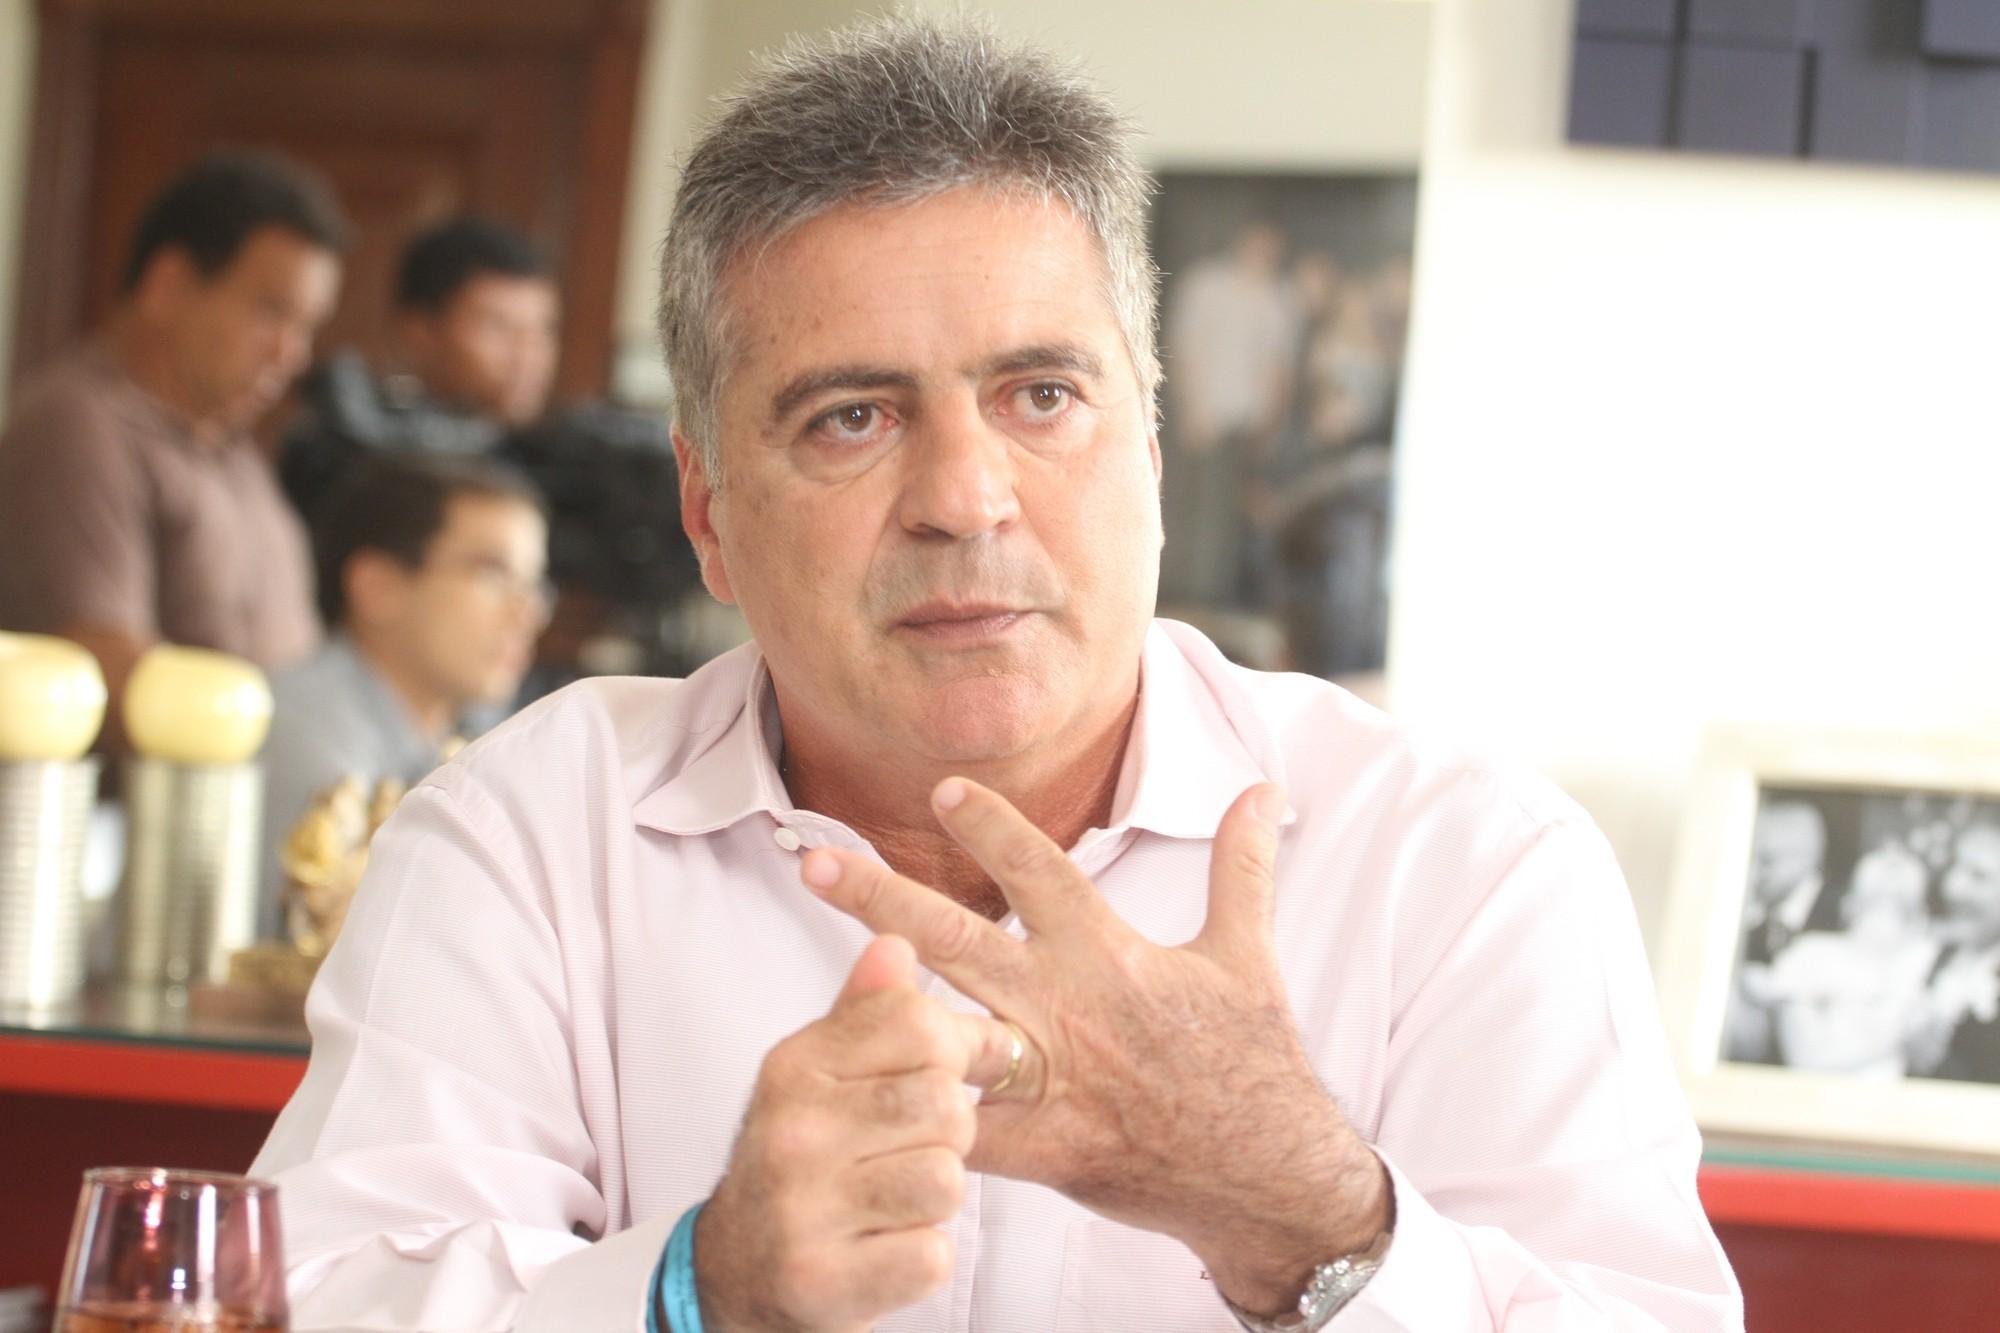 Justiça anula condenação do ex-deputado Luiz Sefer por estupro de criança no Pará - Noticias